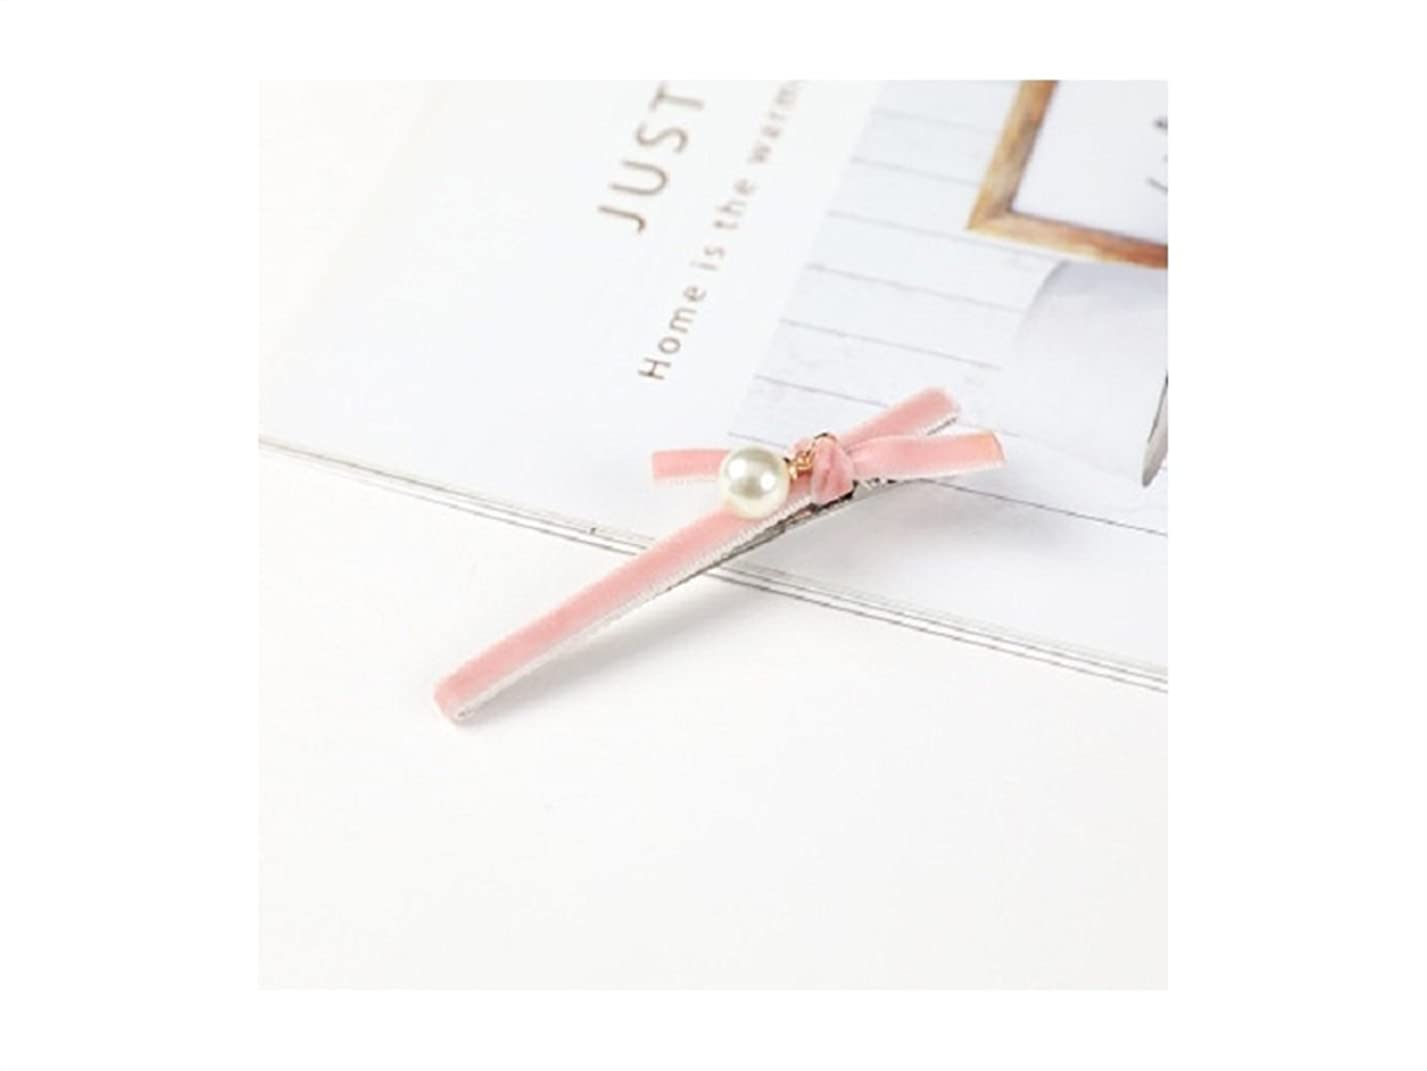 表向き行列下にOsize 美しいスタイル ボウタイパールベルベットヘアクリップダックビルクリップヘアアクセサリー(ピンク)